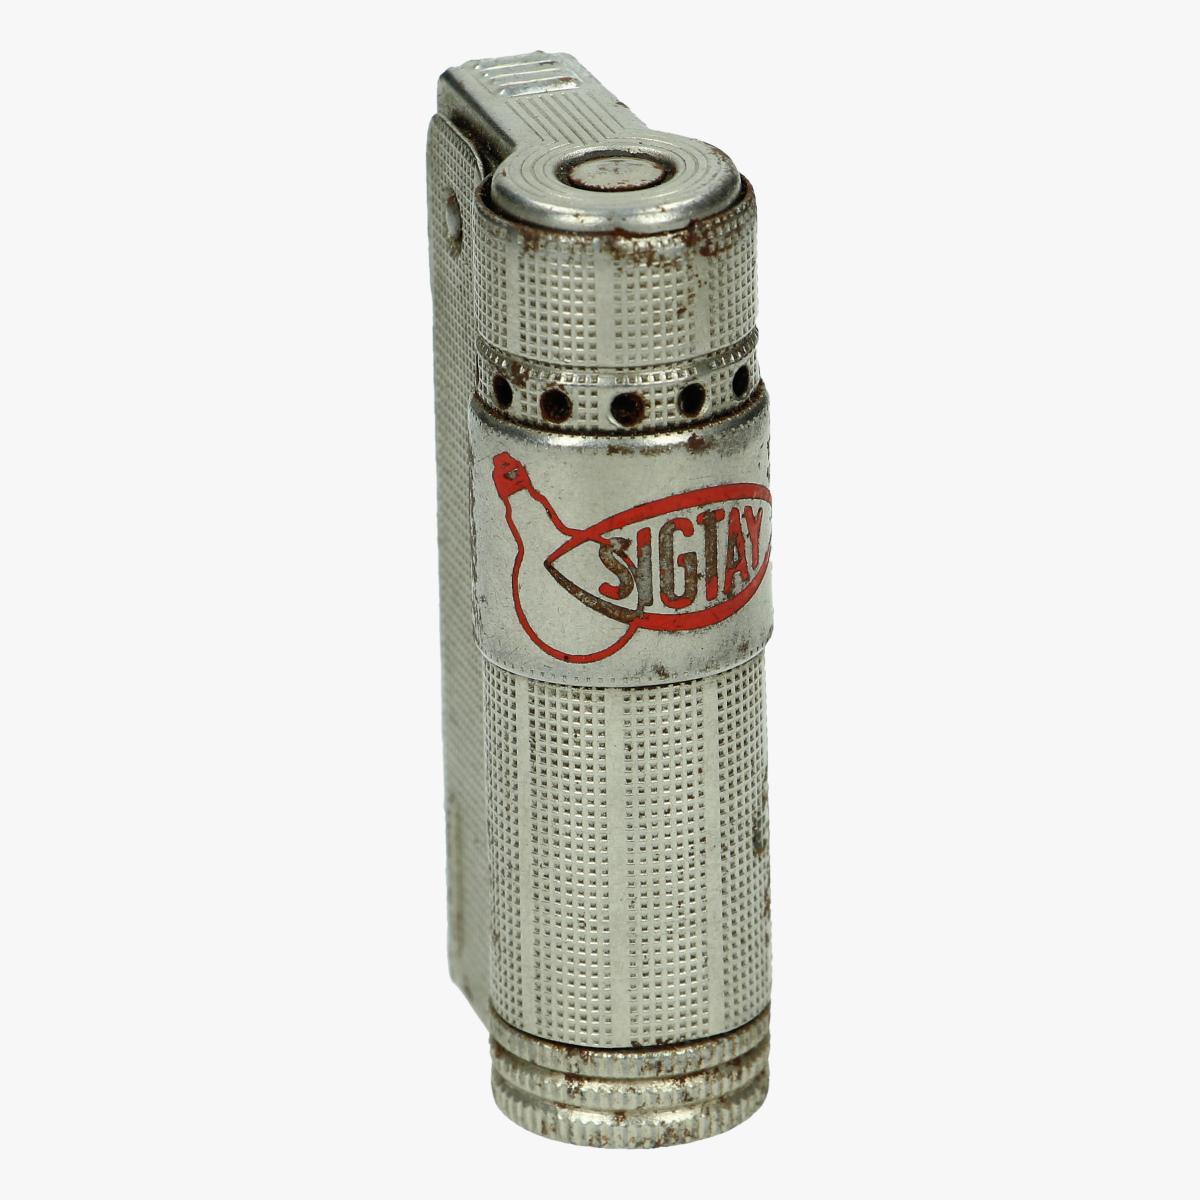 Afbeeldingen van oude aansteker sigtay patent austria